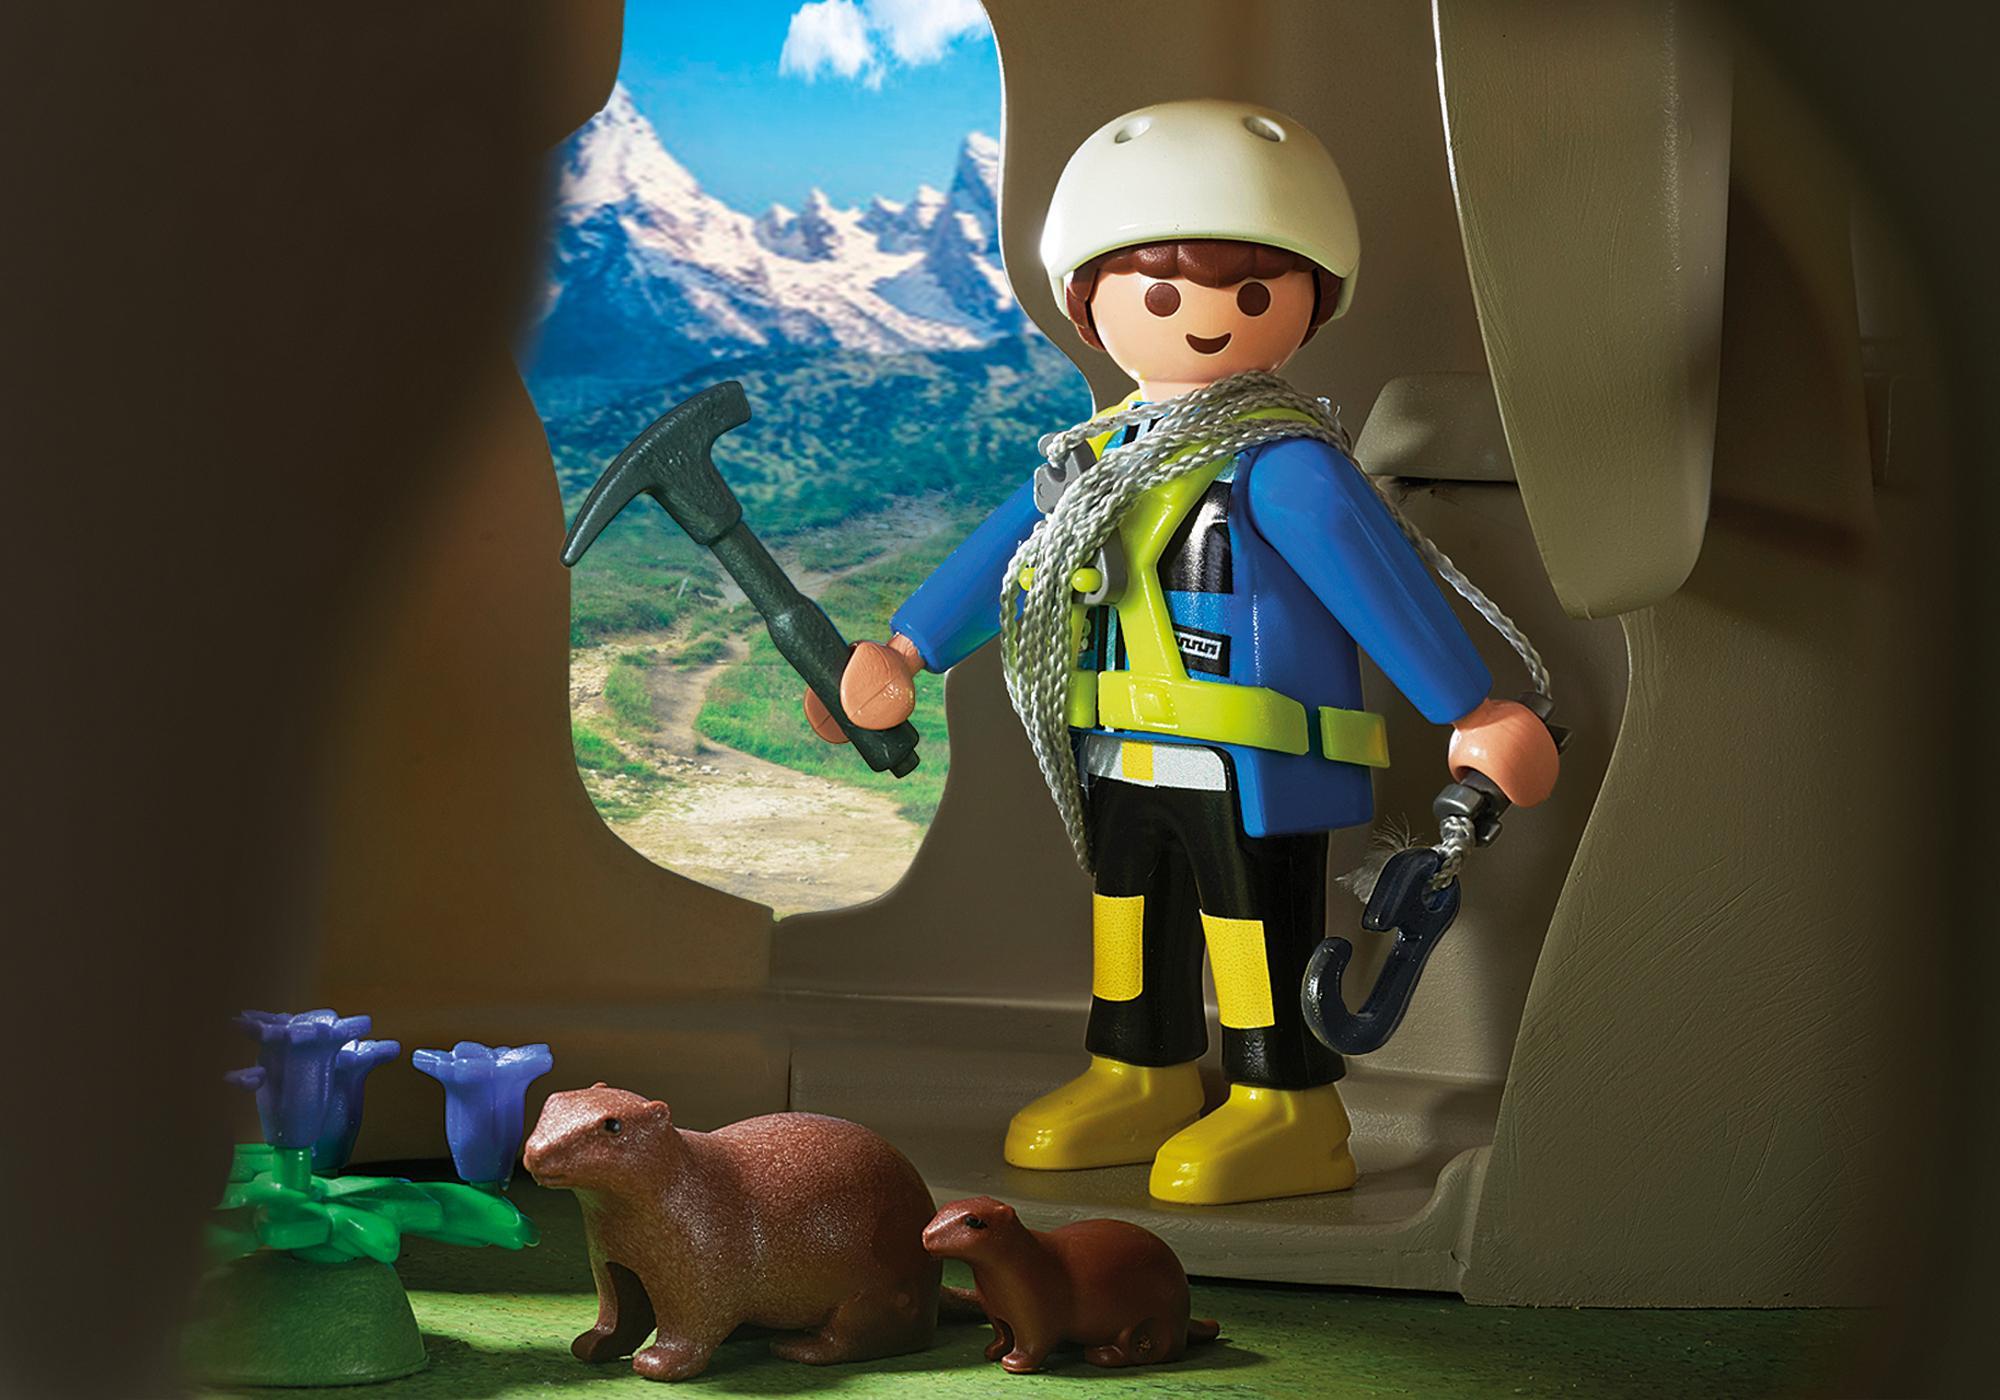 http://media.playmobil.com/i/playmobil/9126_product_extra2/Rocher d'escalade avec espace d'accueil